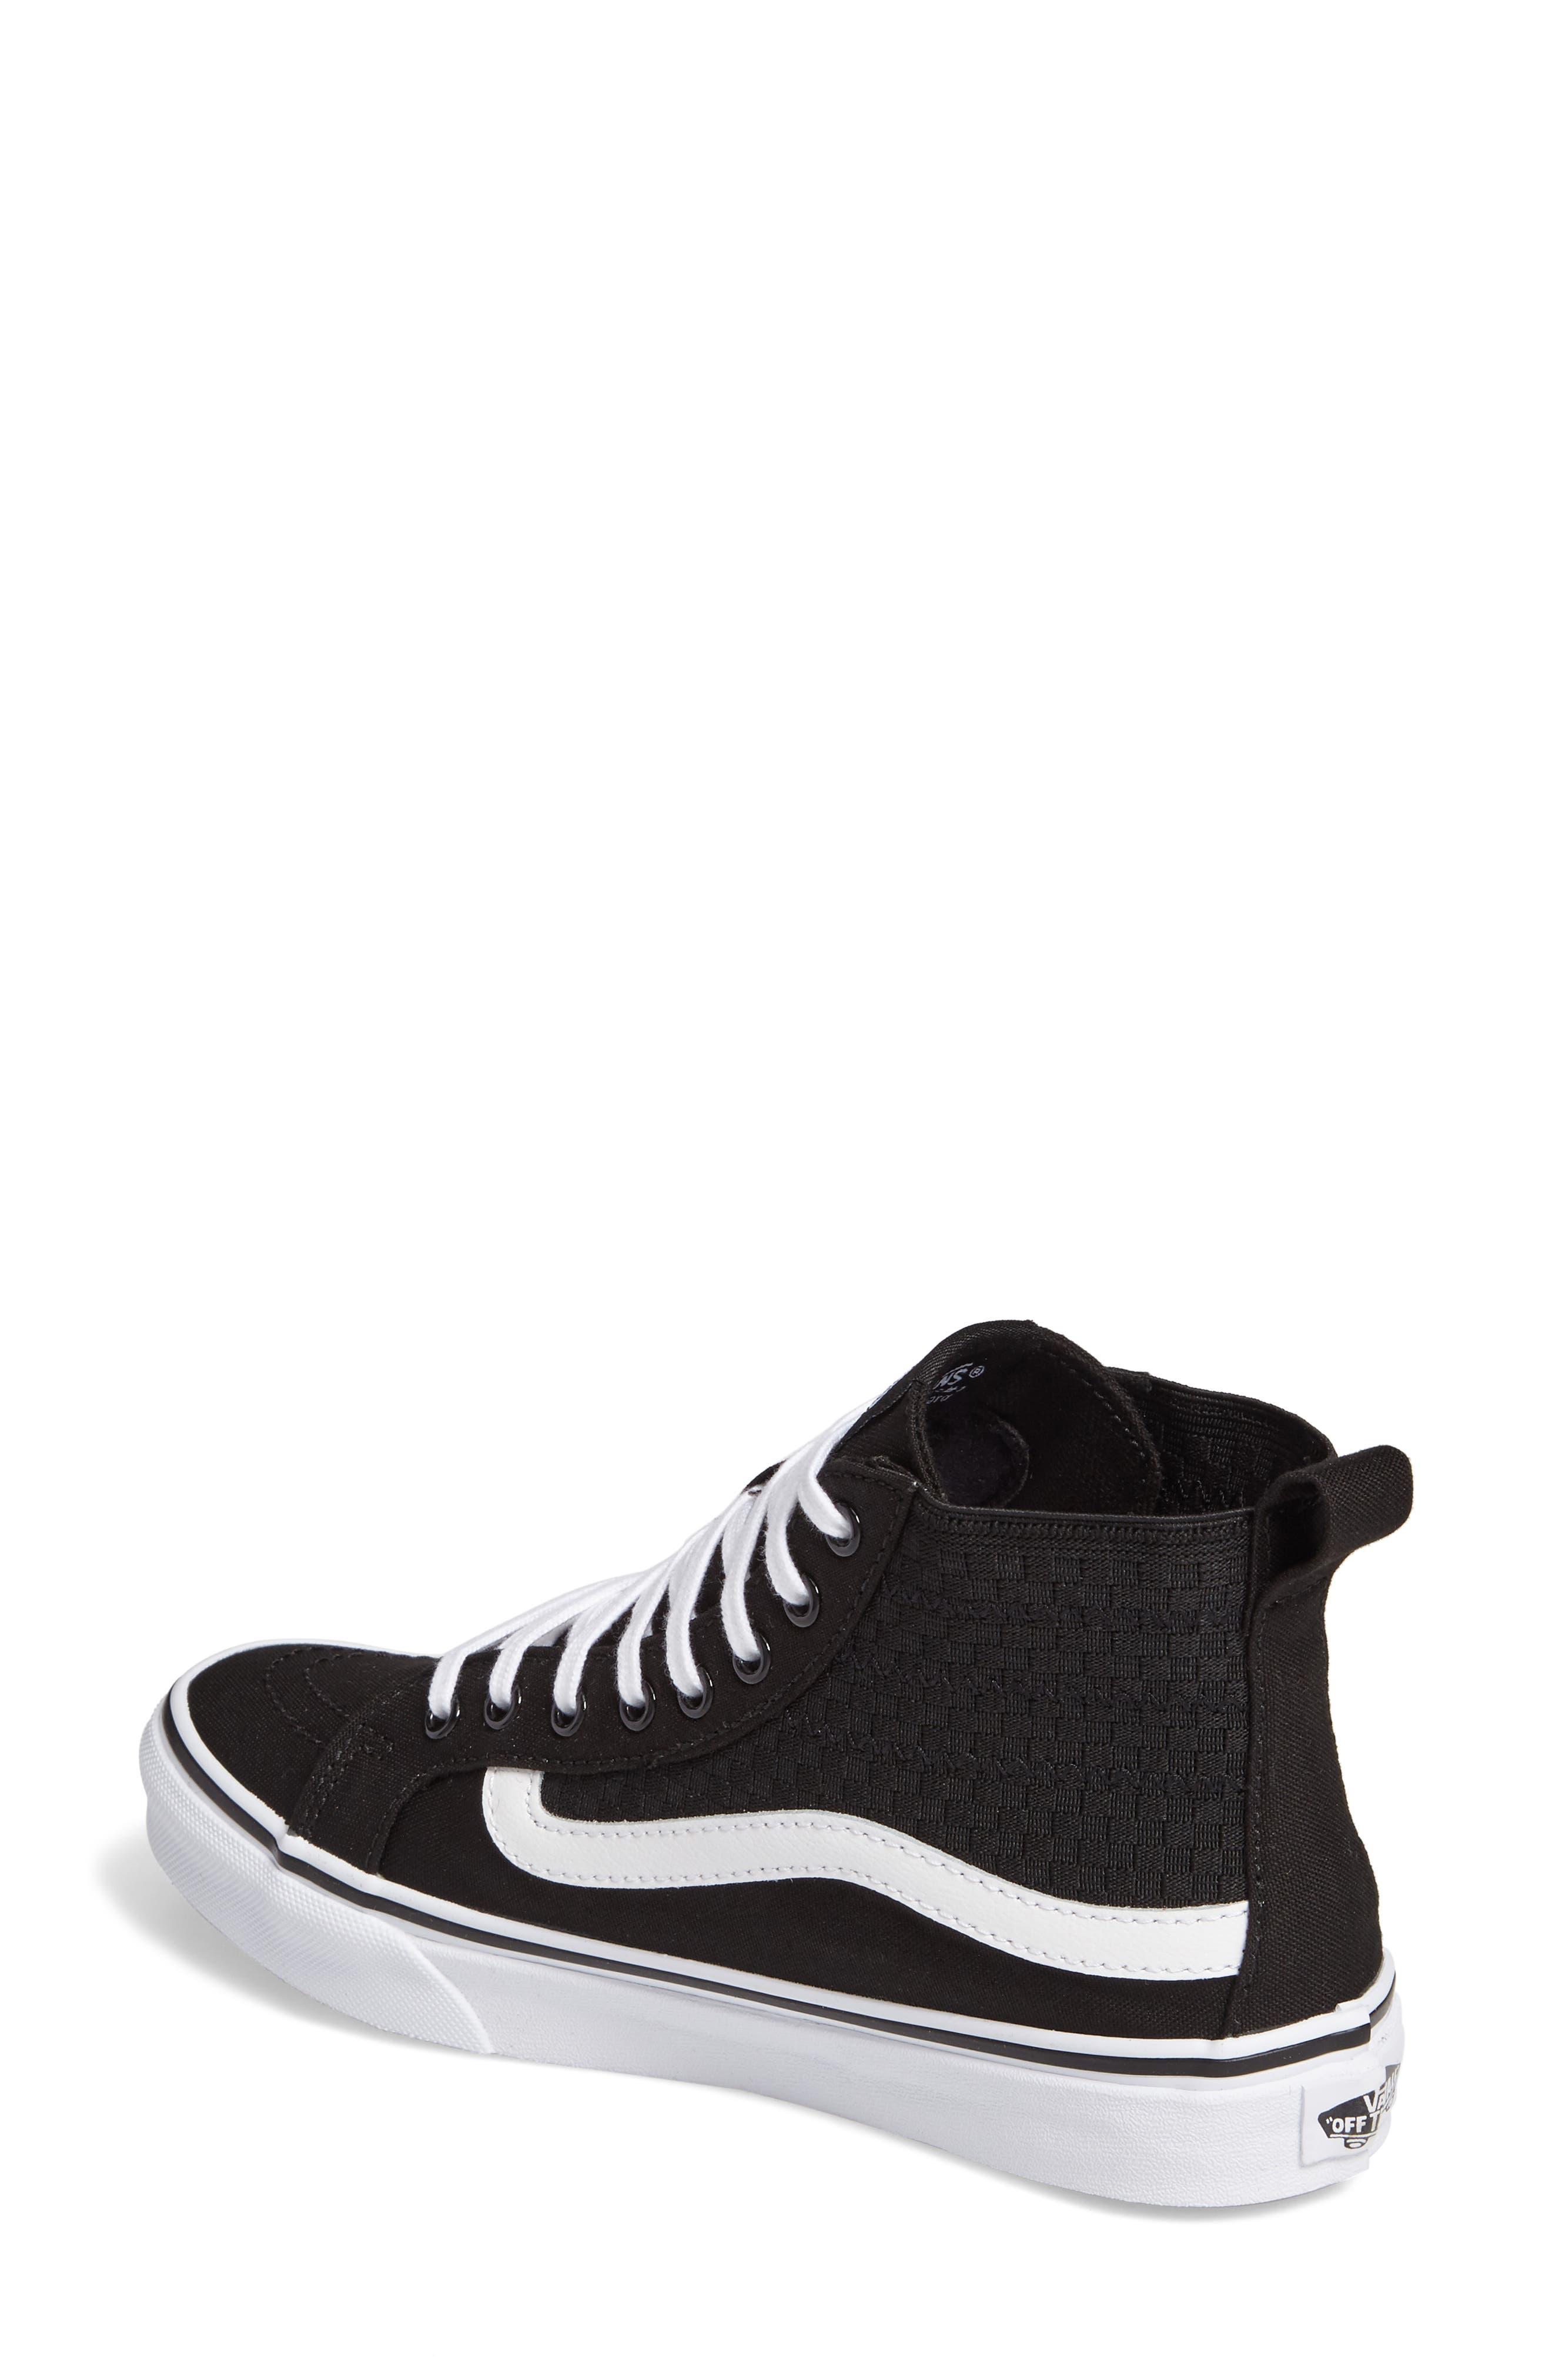 SK8-HI Slim Gore Sneaker,                             Alternate thumbnail 2, color,                             001